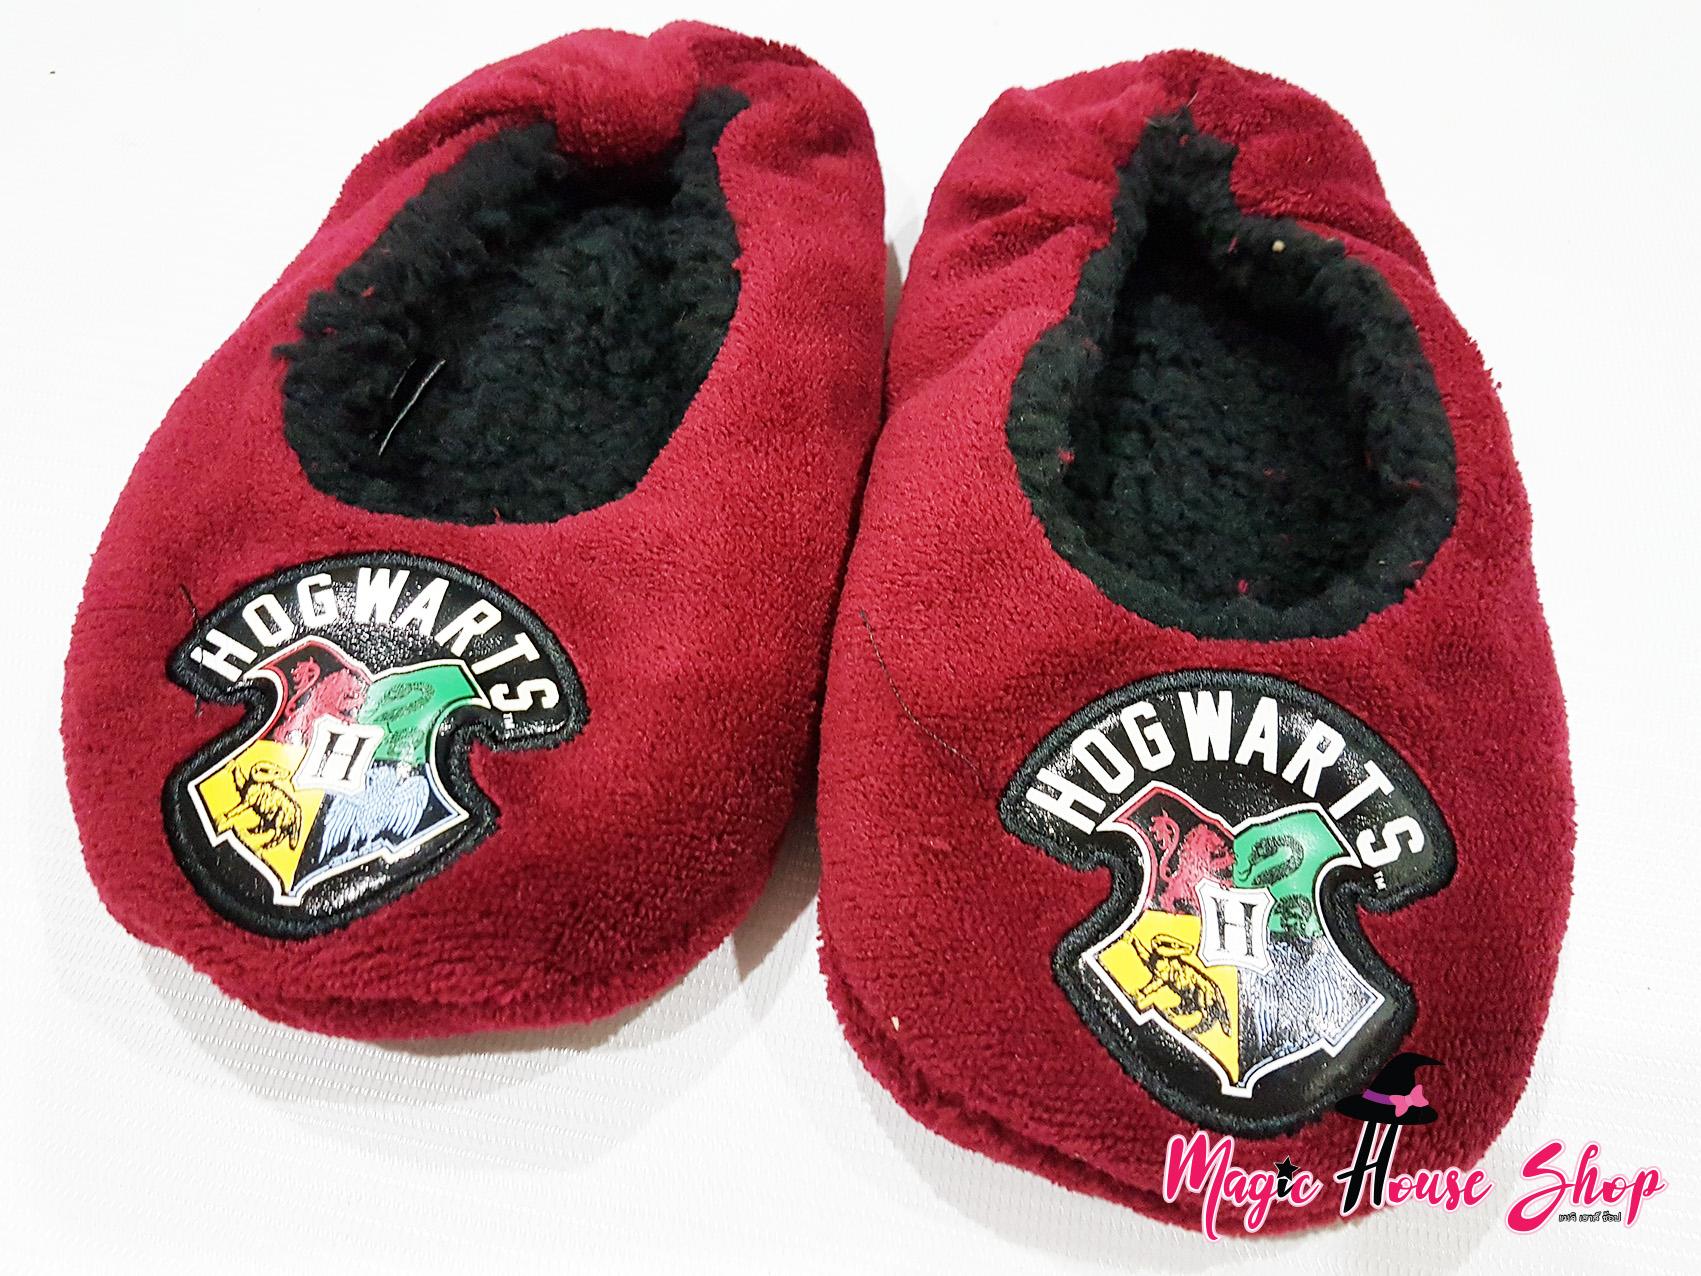 รองเท้าสำหรับใส่ในบ้าน ฮอกวอตส์